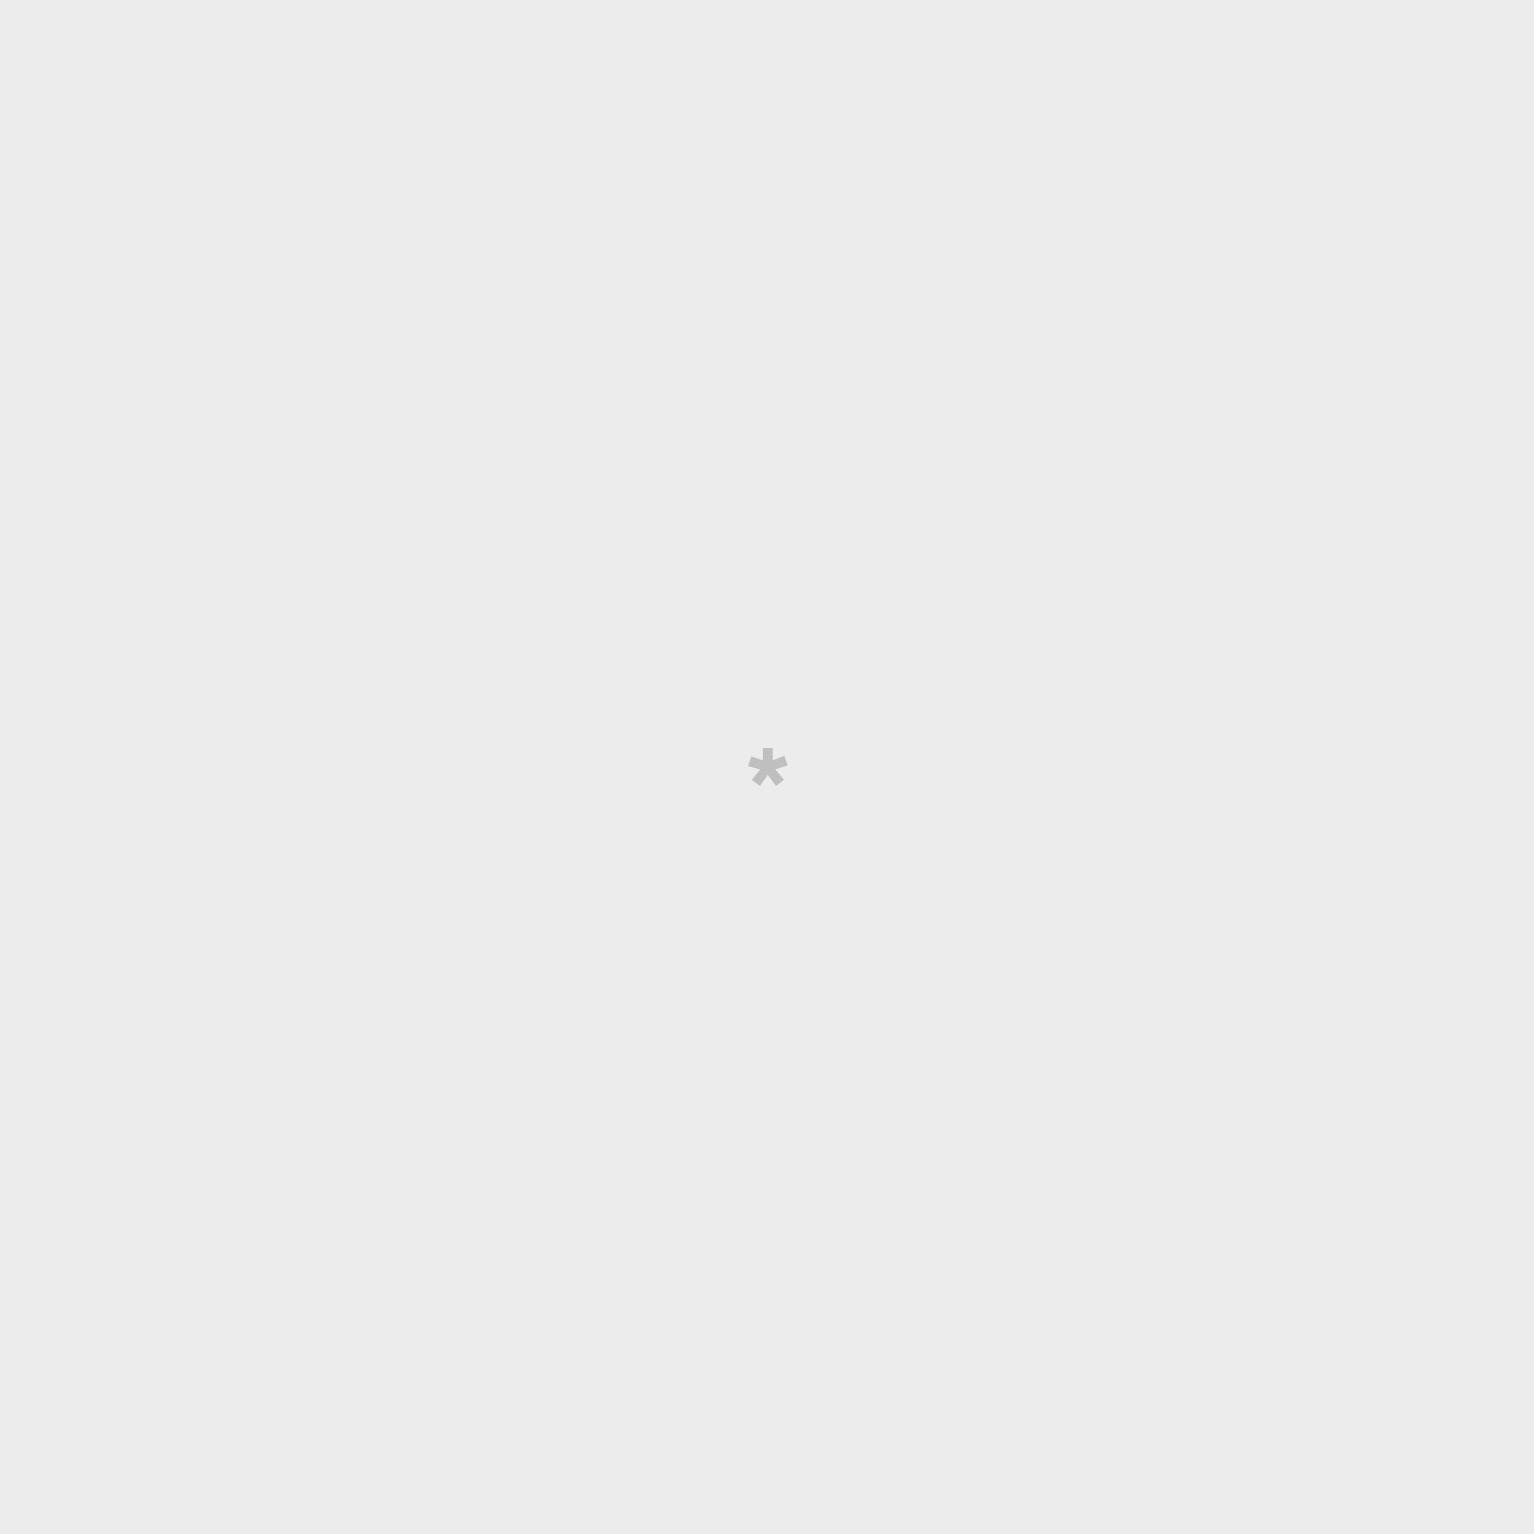 Boîte avec album photos - Notre histoire n'a rien de cliché